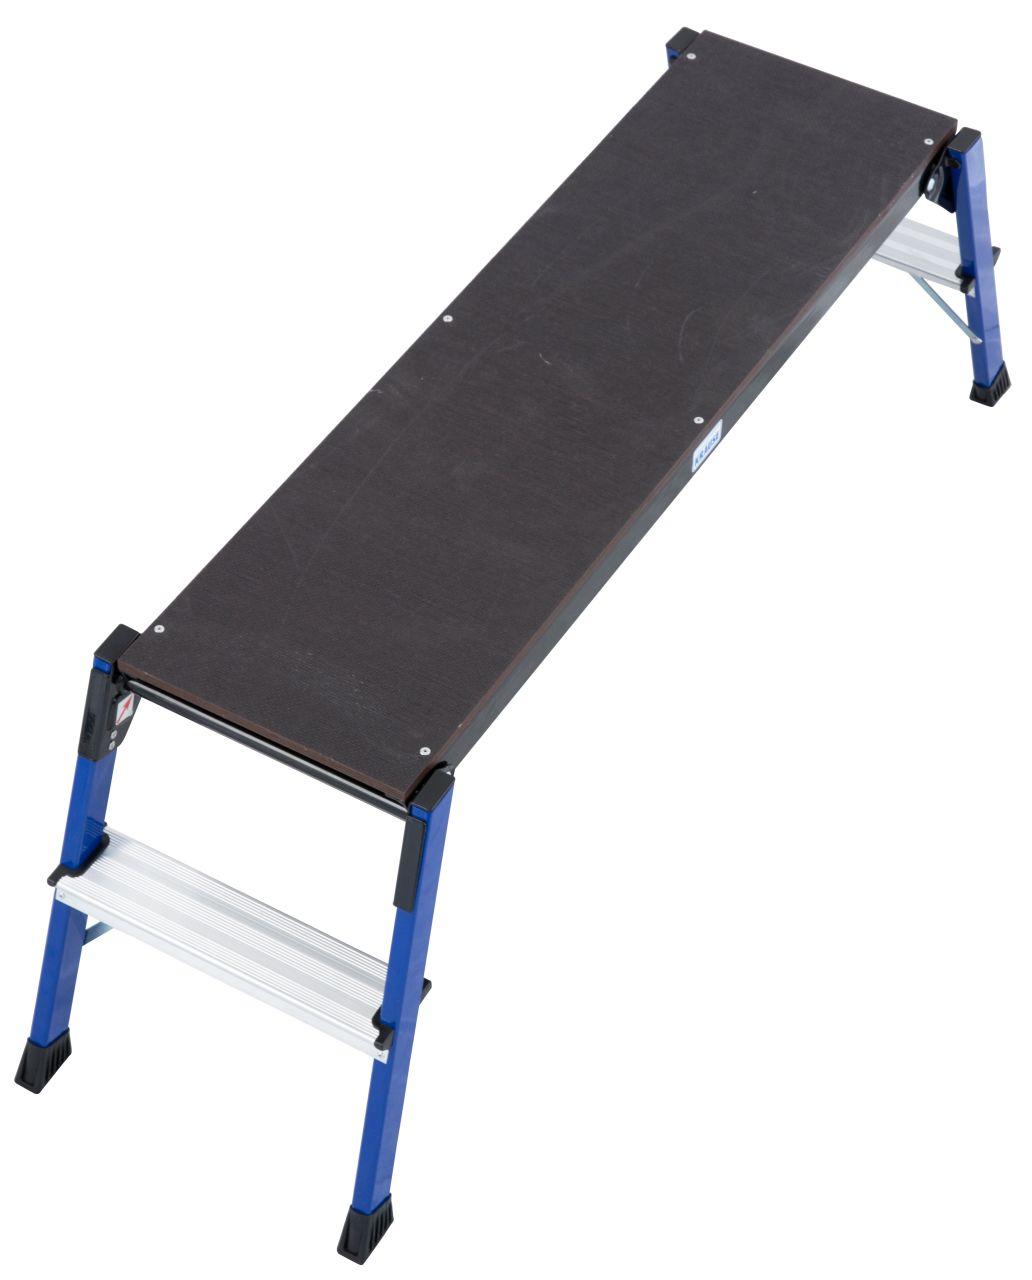 Рабочая подставка StepTop. Складная рабочая подставка идеально подходит для всех работ, требующих большую площадь опоры.